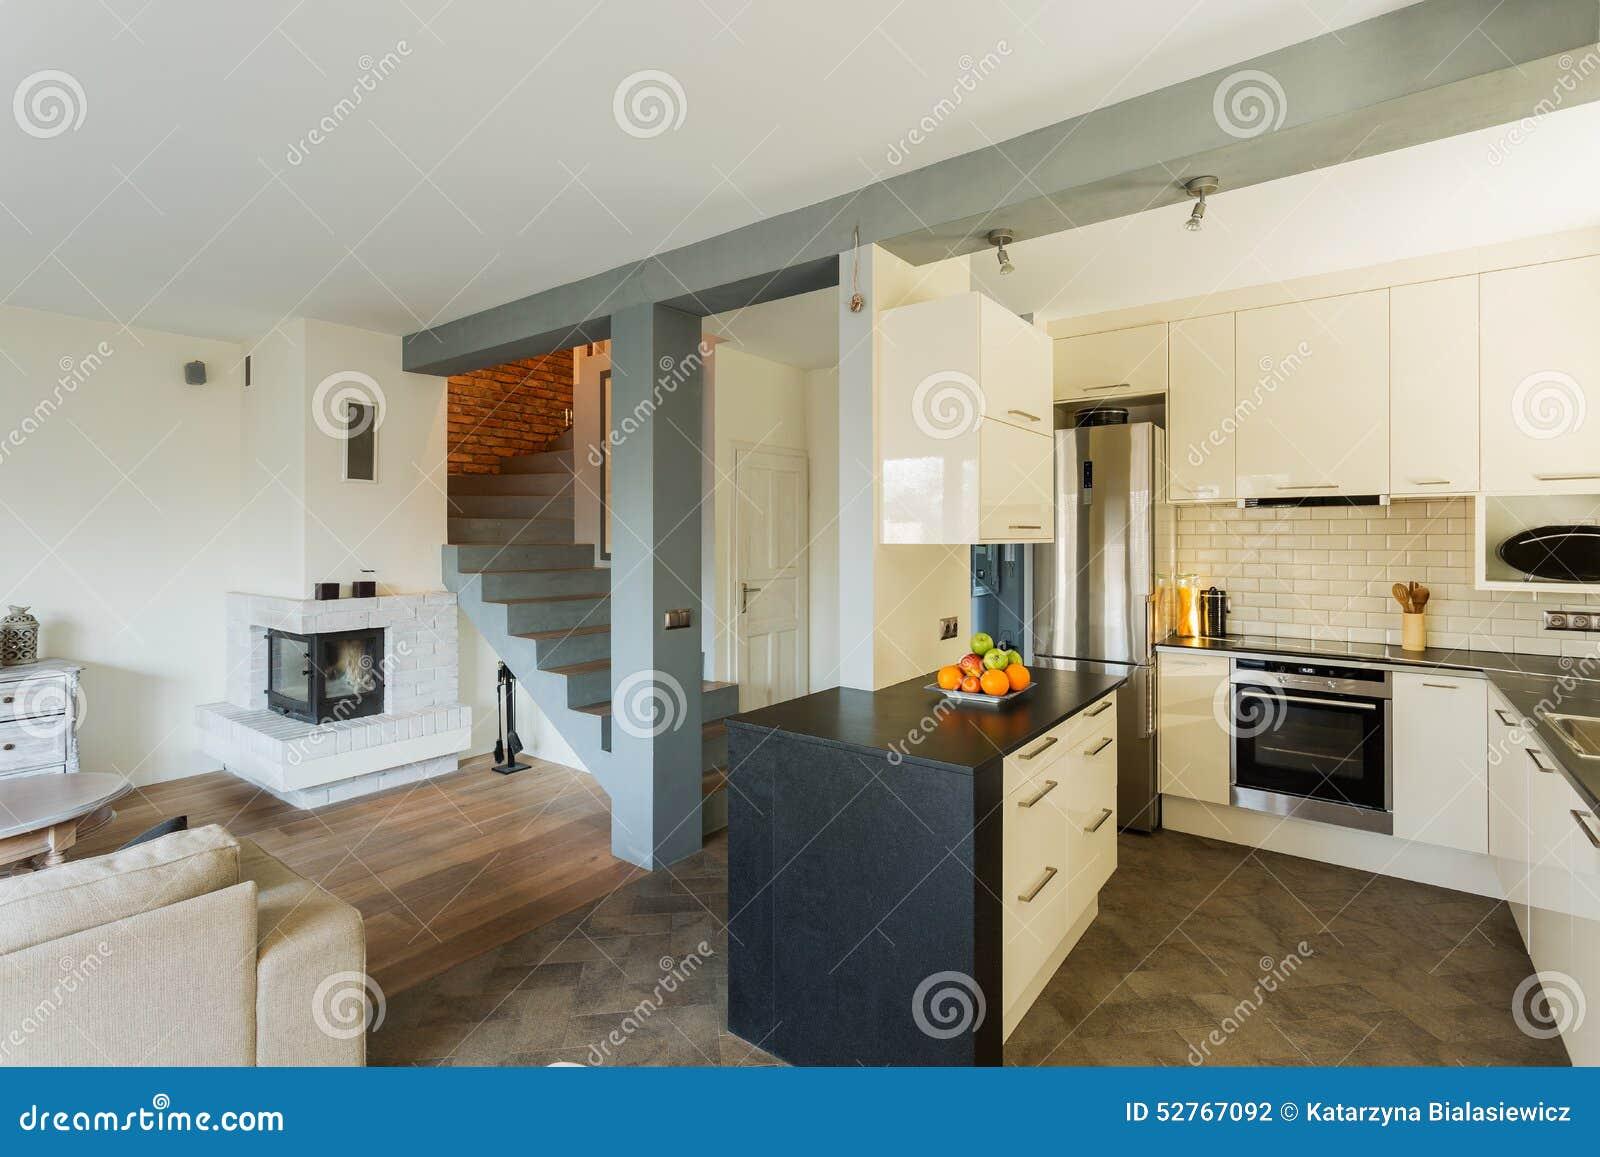 Öppna kök och vardagsrum arkivfoto   bild: 52767092